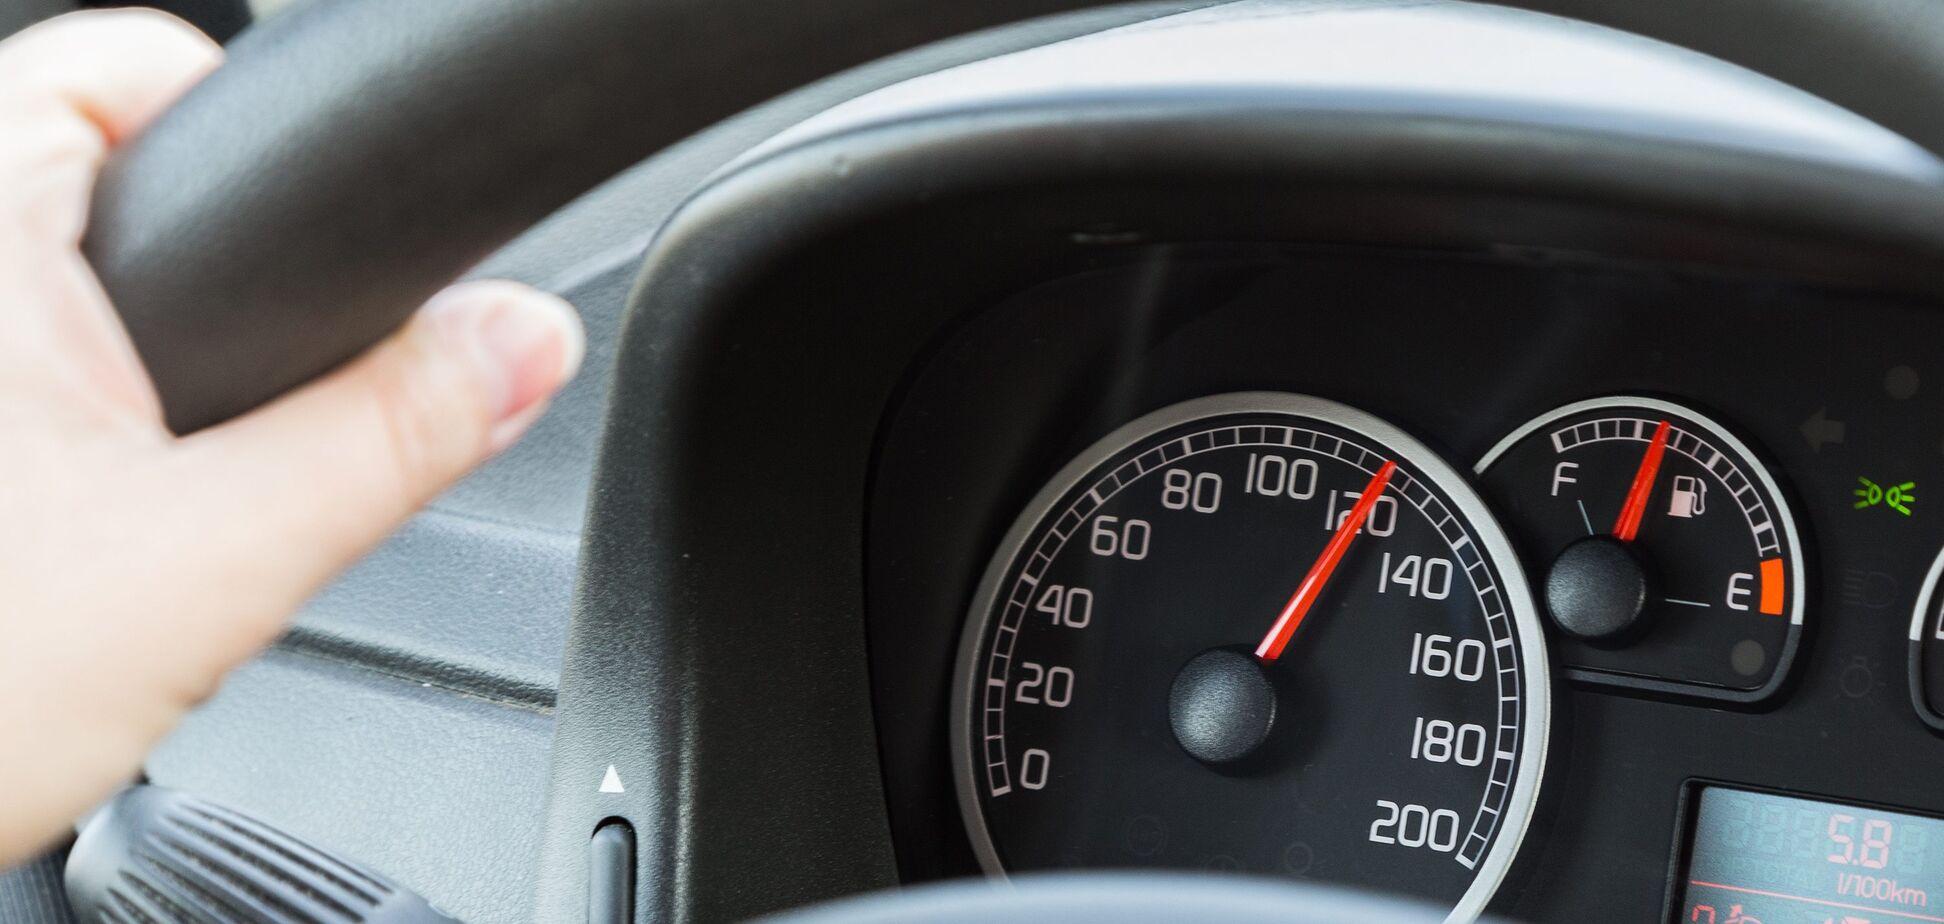 Превышение скорости (источник: Новости Нежина)